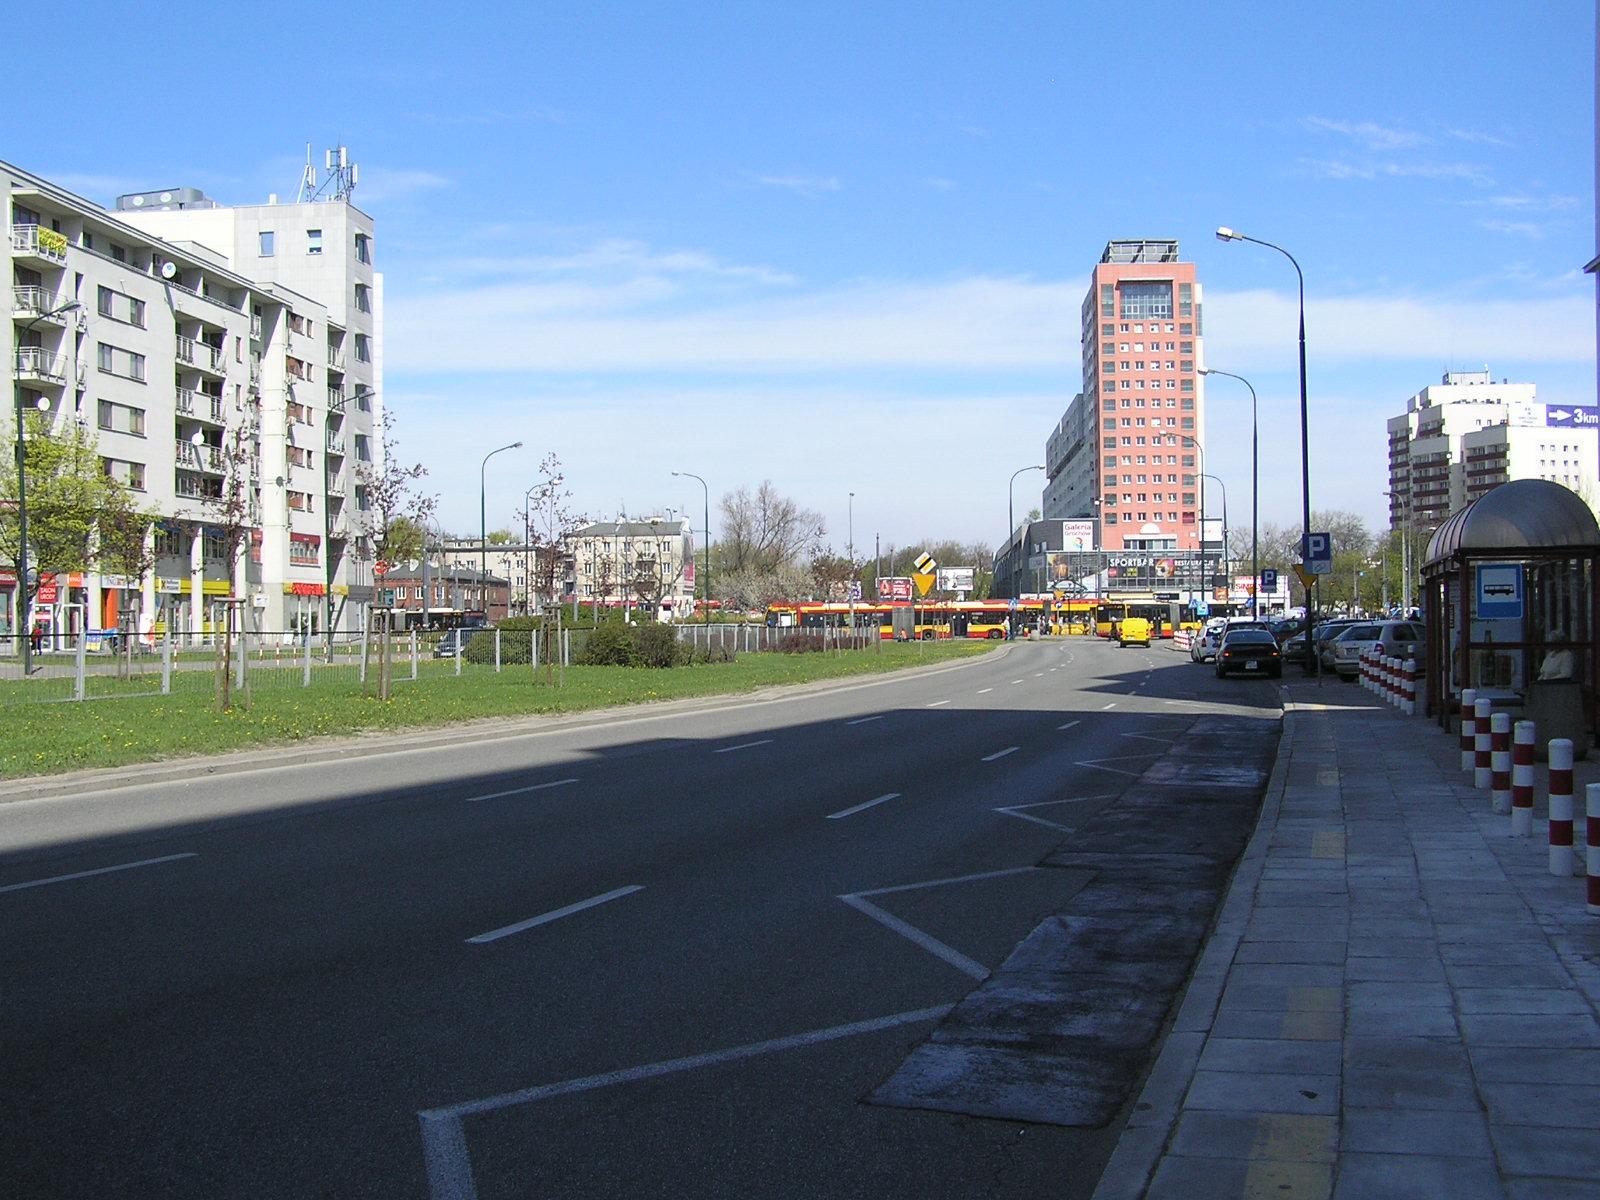 Konsultacje społeczne dotyczące budowy Obwodnicy Śródmiejskiej